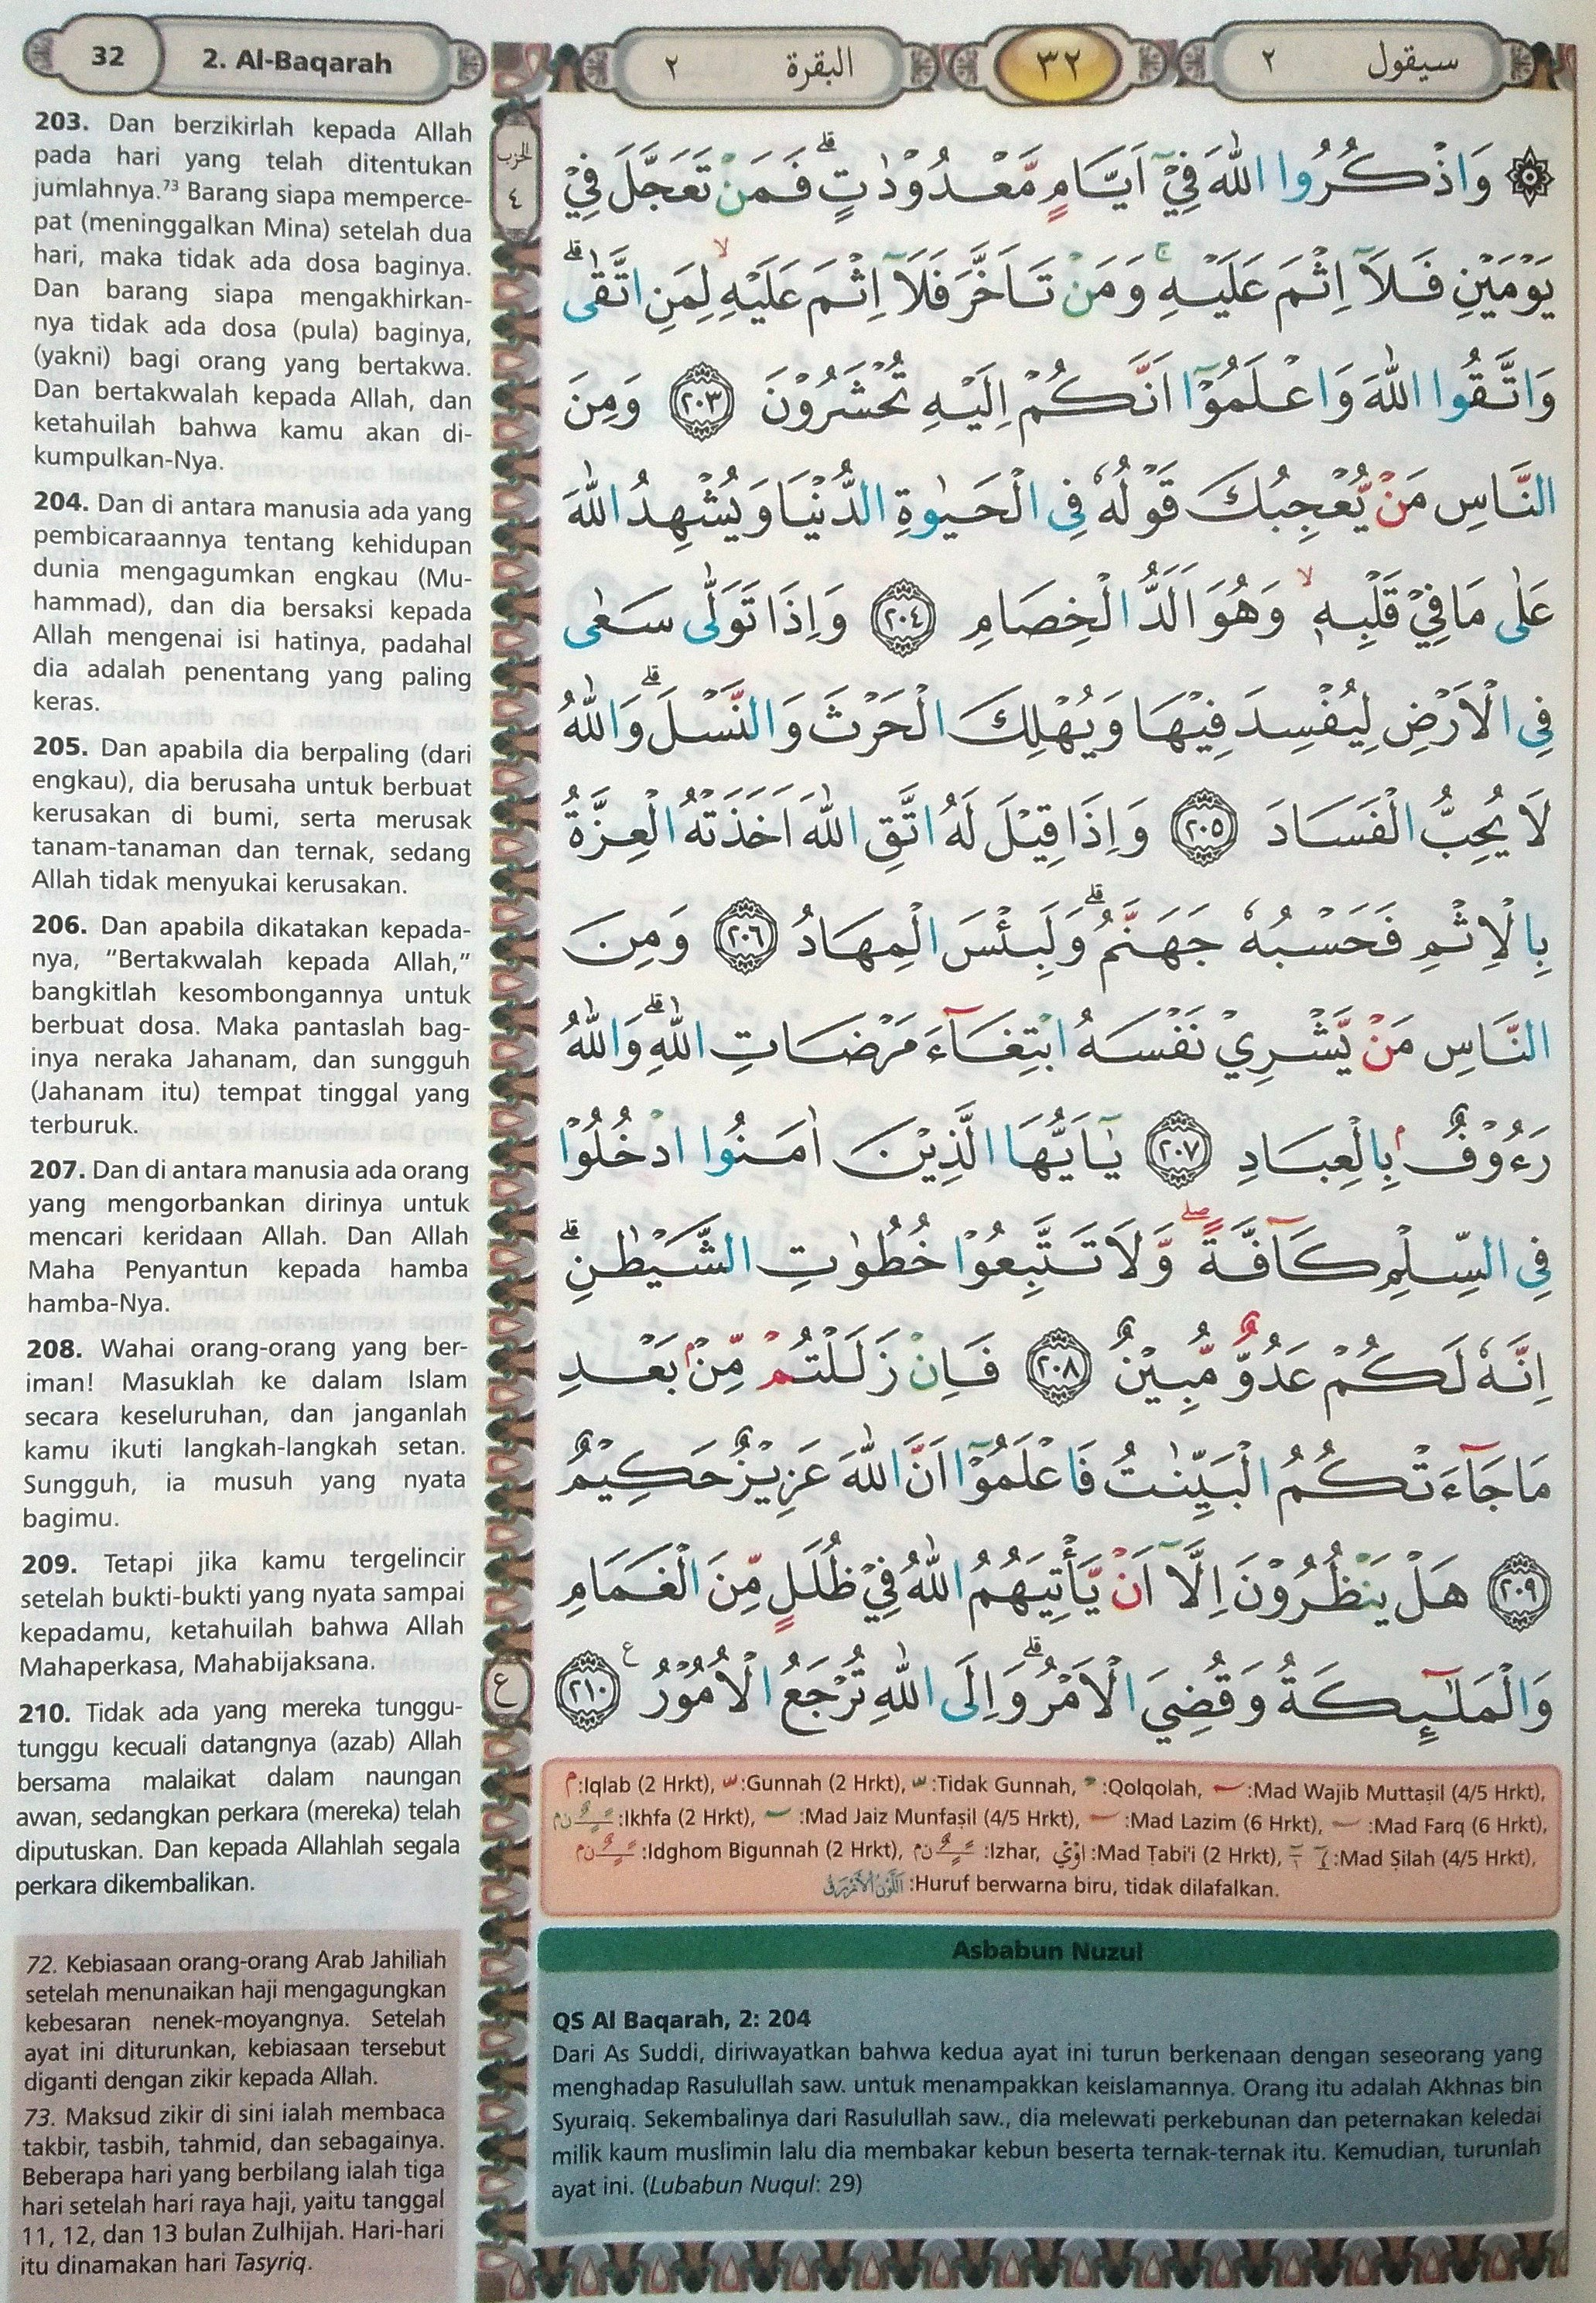 Al Baqarah 203-210